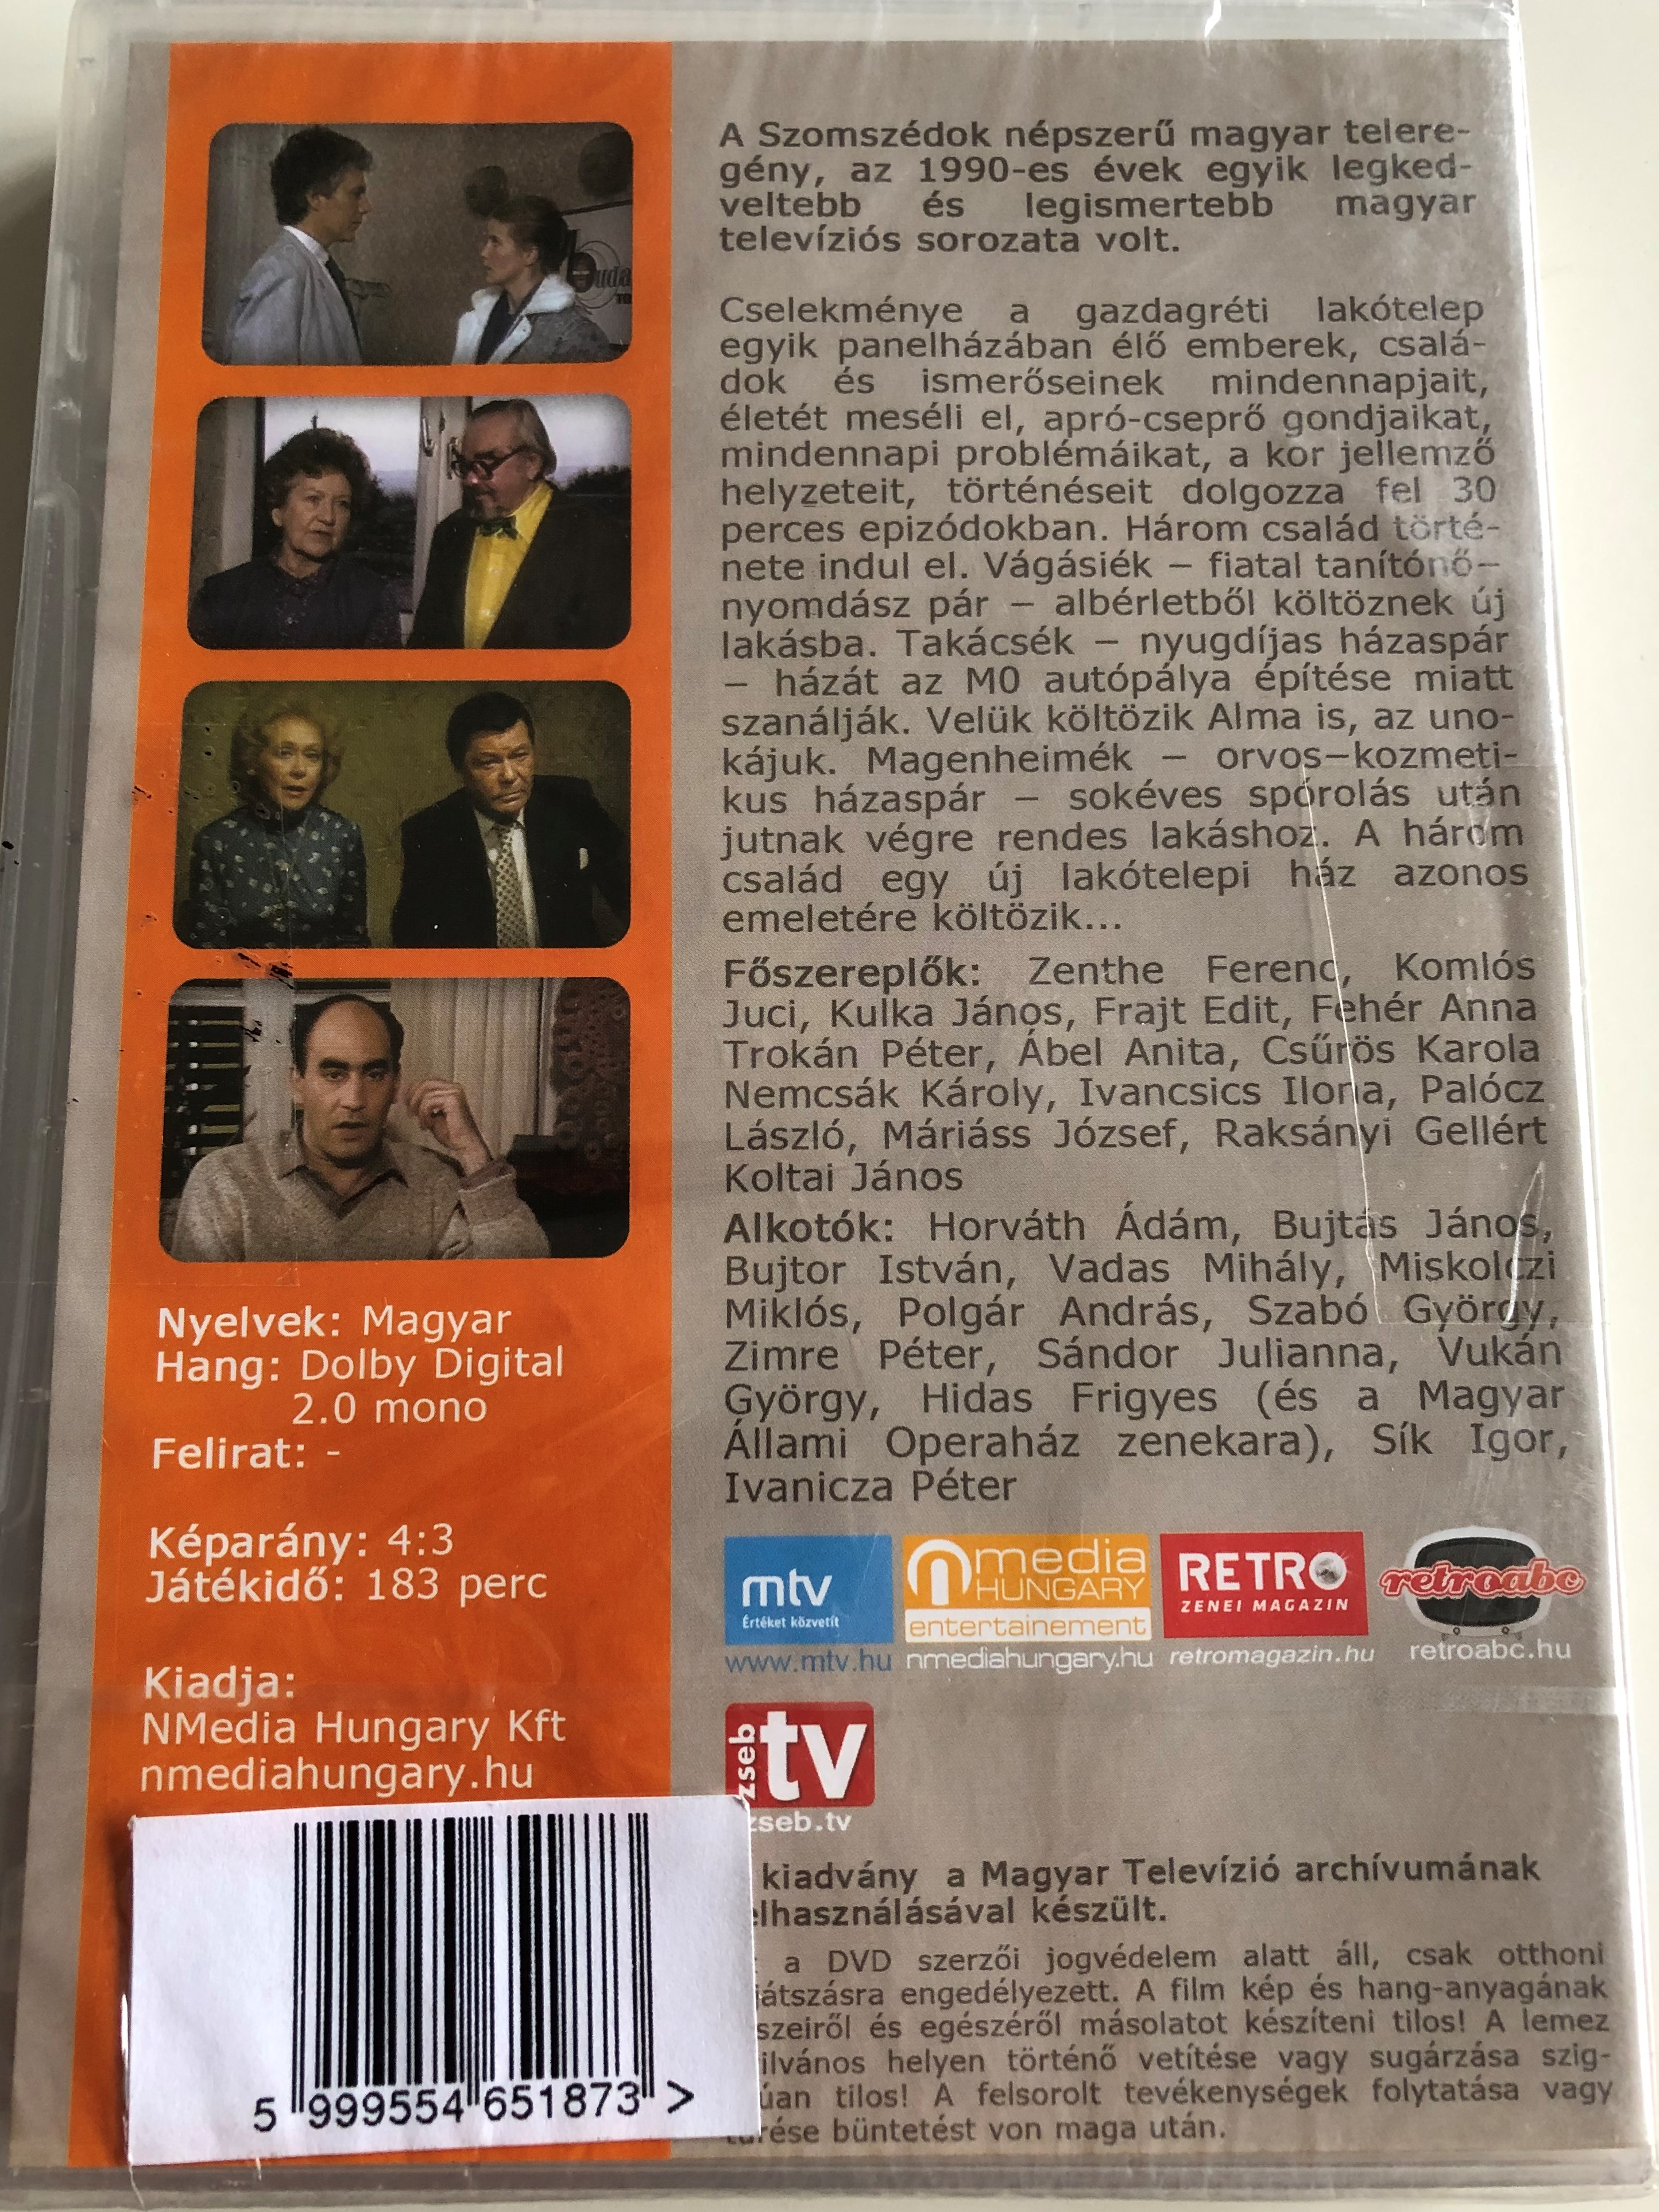 szomsz-dok-teljes-1.-vad-1-18-r-sz-3x-dvd-neighbours-3.jpg